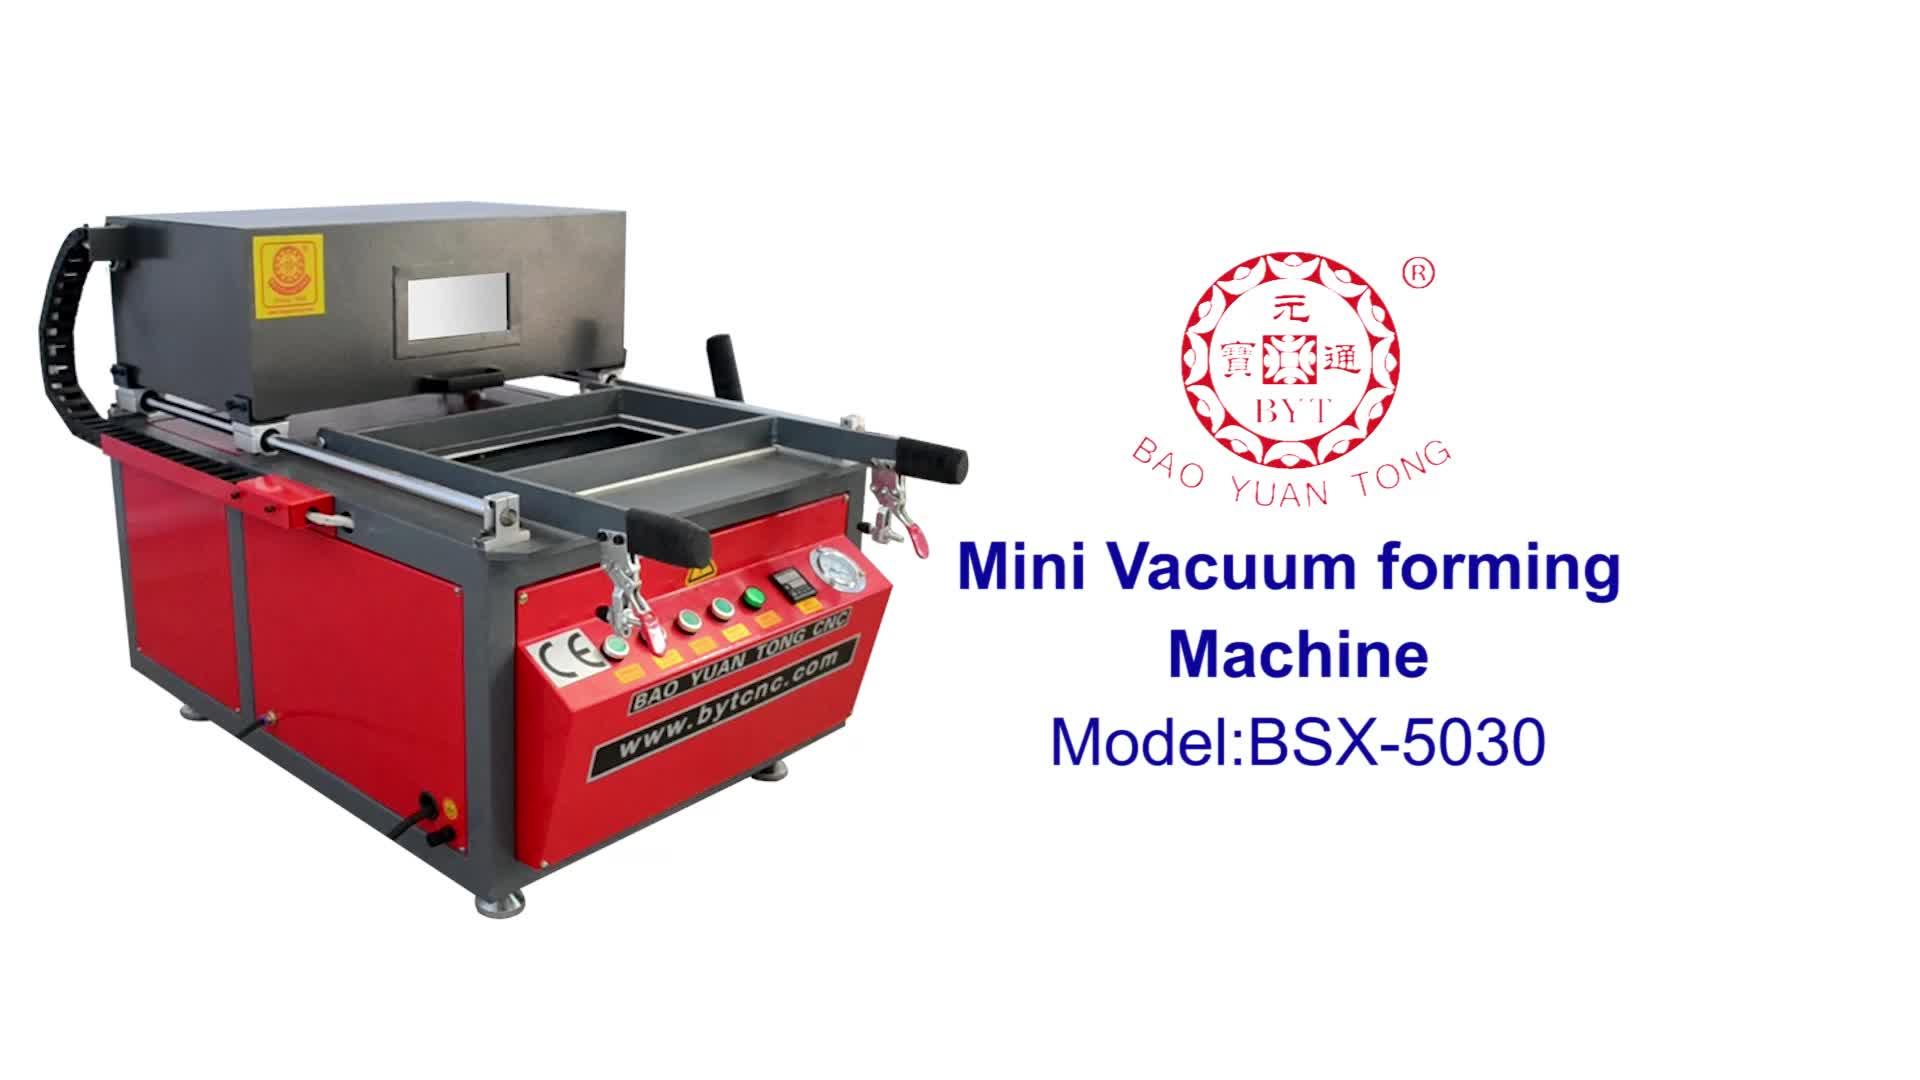 ПВХ/акрил/PMMA/вакуумная формовочная машина для рекламных знаков мини-акриловая вакуумная формовочная машина